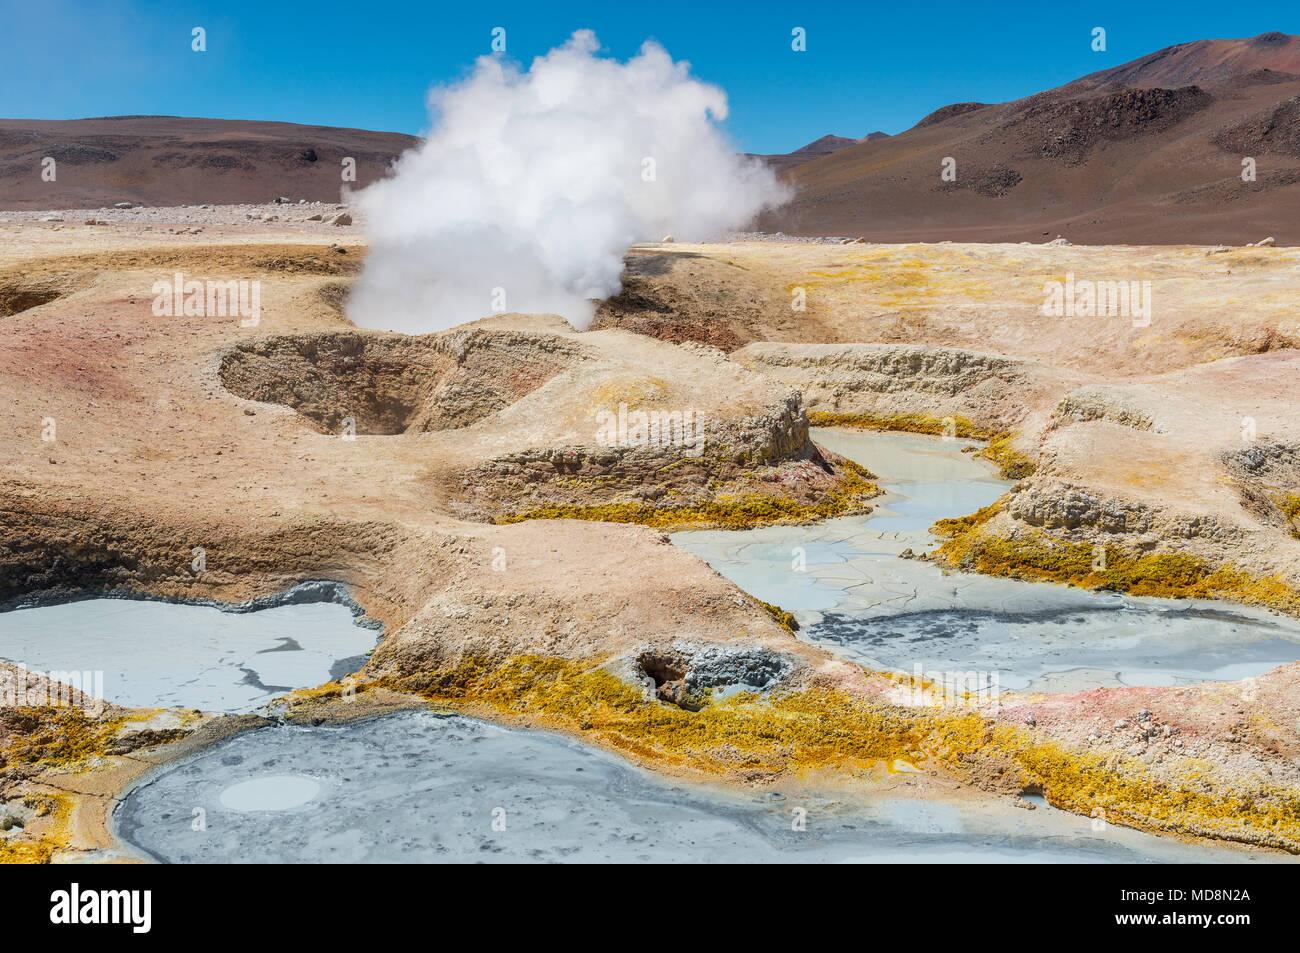 L'attività vulcanica del Sol de Mañana in Bolivia vicino al confine con il Cile e il sale di Uyuni piatto. Vediamo fango box e fumarole con vapore acqueo. Immagini Stock